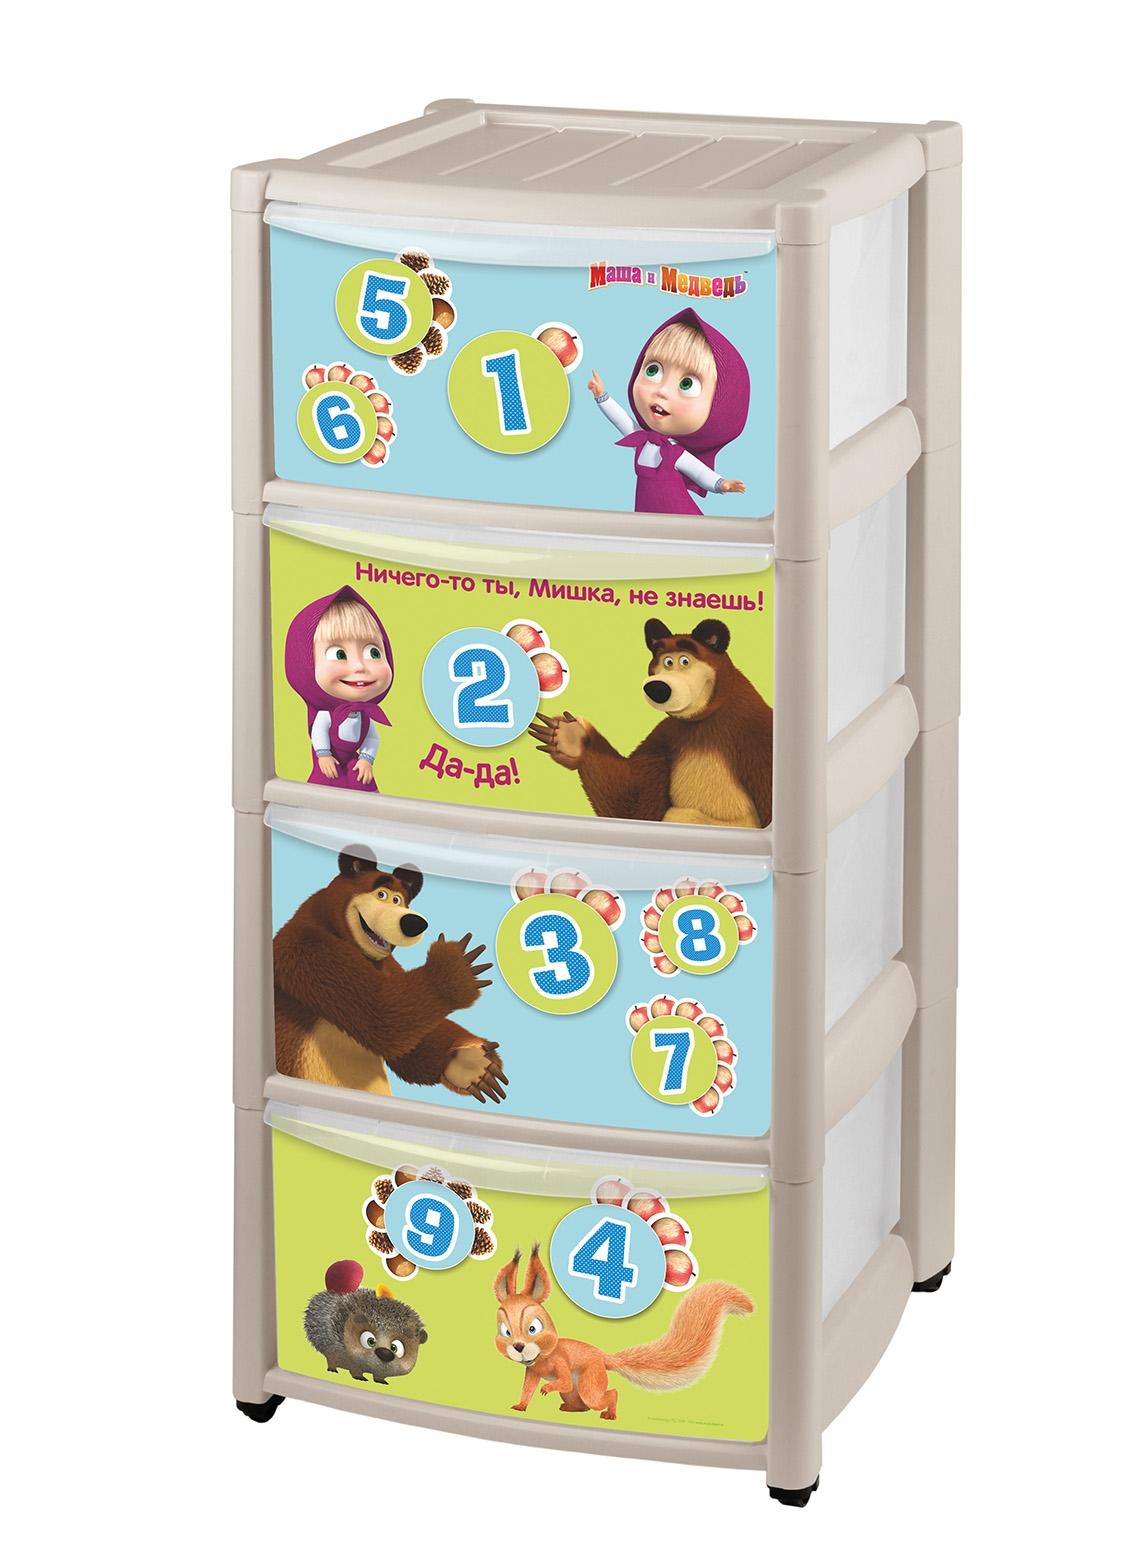 все цены на Детские комоды Пластишка Маша и медведь онлайн